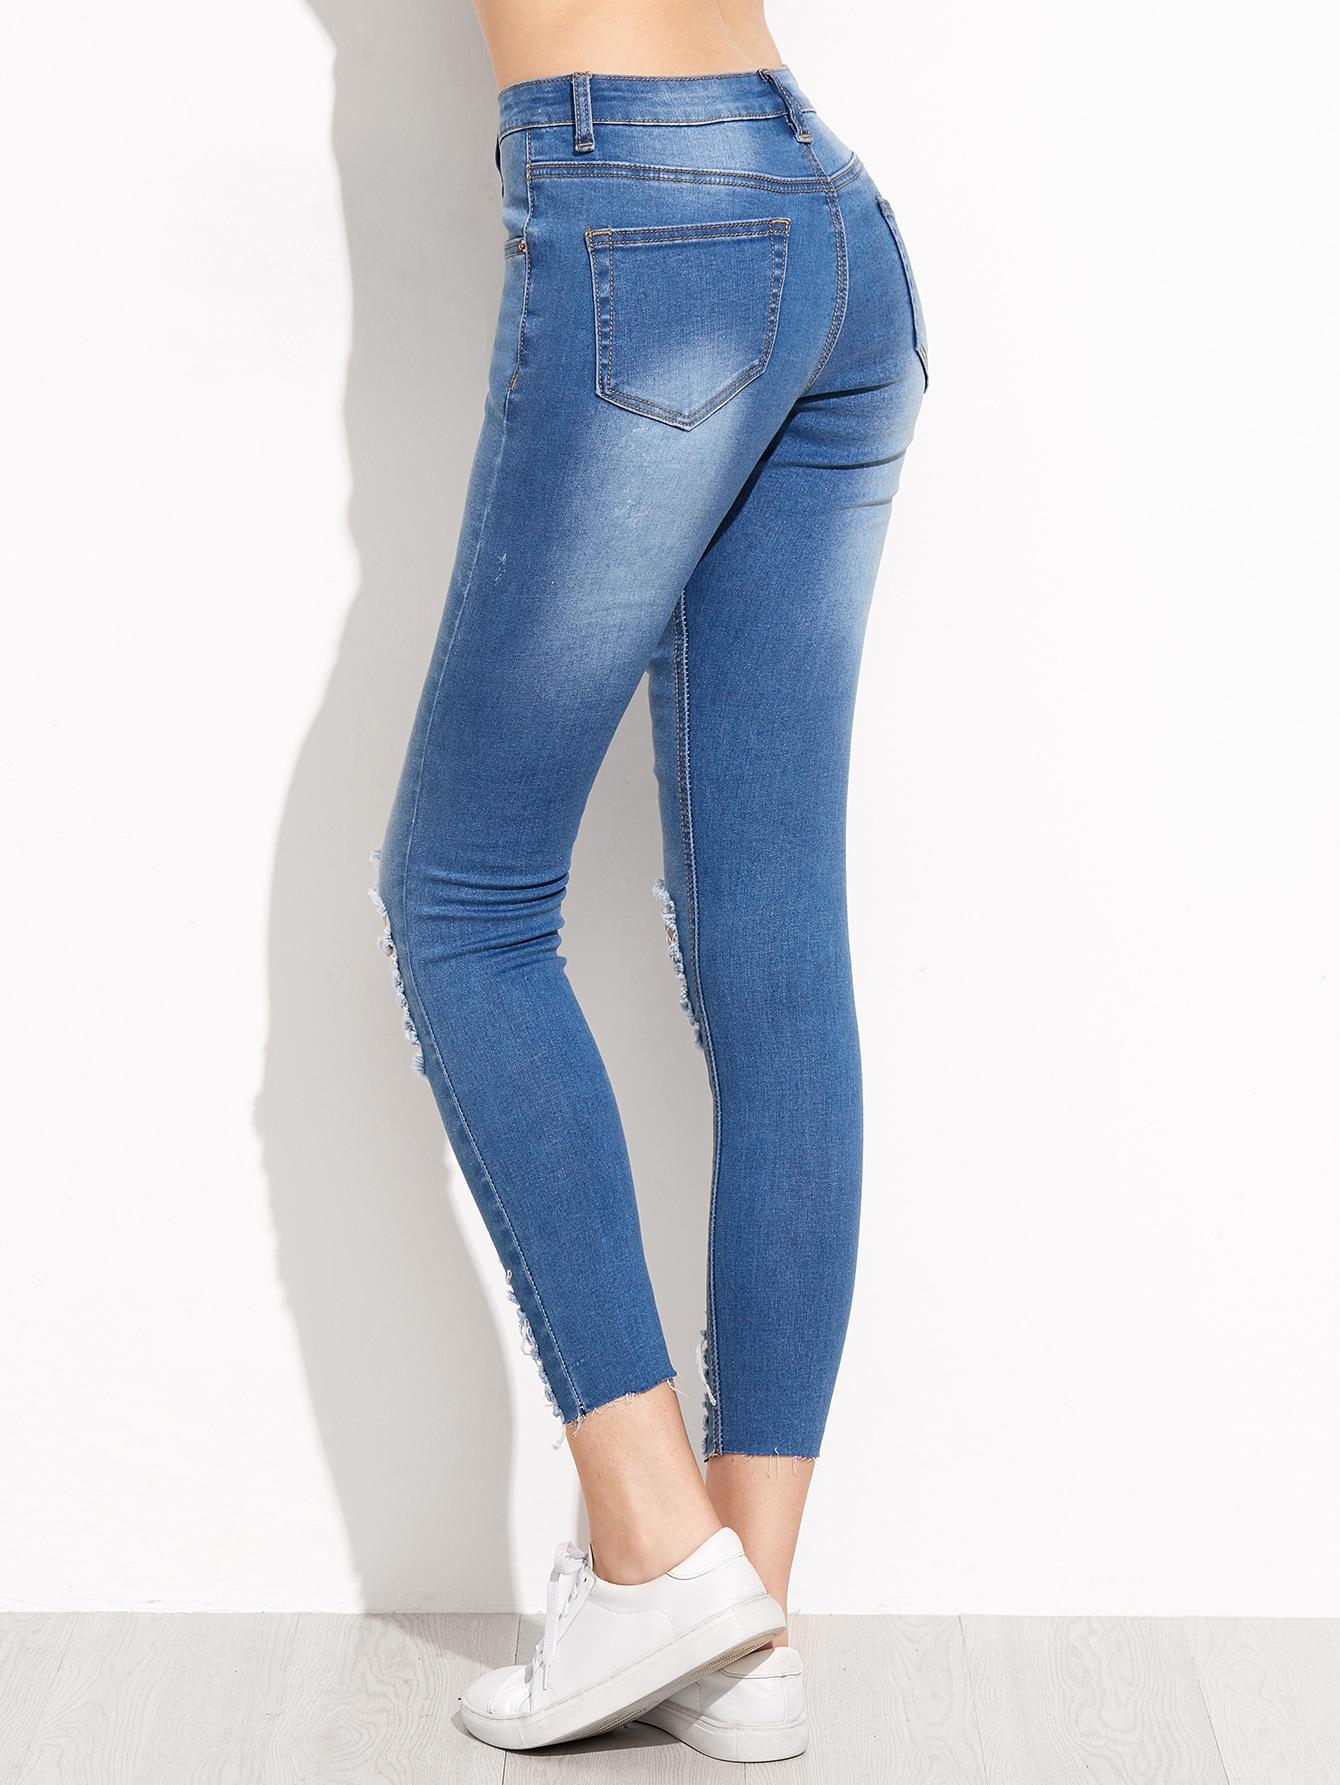 pants160909401_2